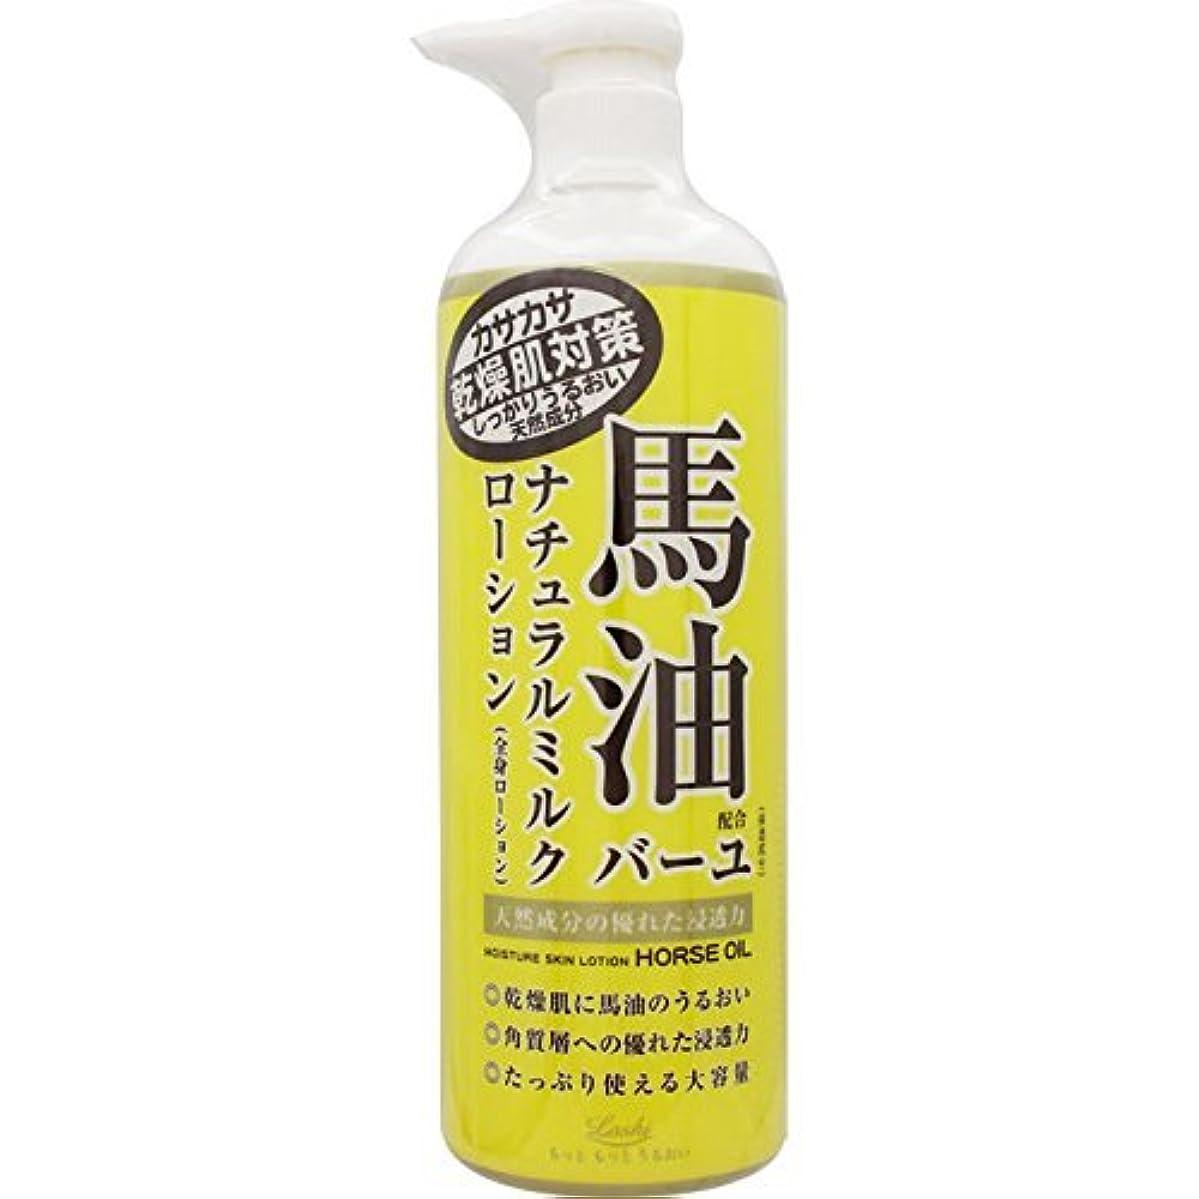 水銀の計算する洗うロッシモイストエイド 馬油ナチュラルミルクローション 485ml